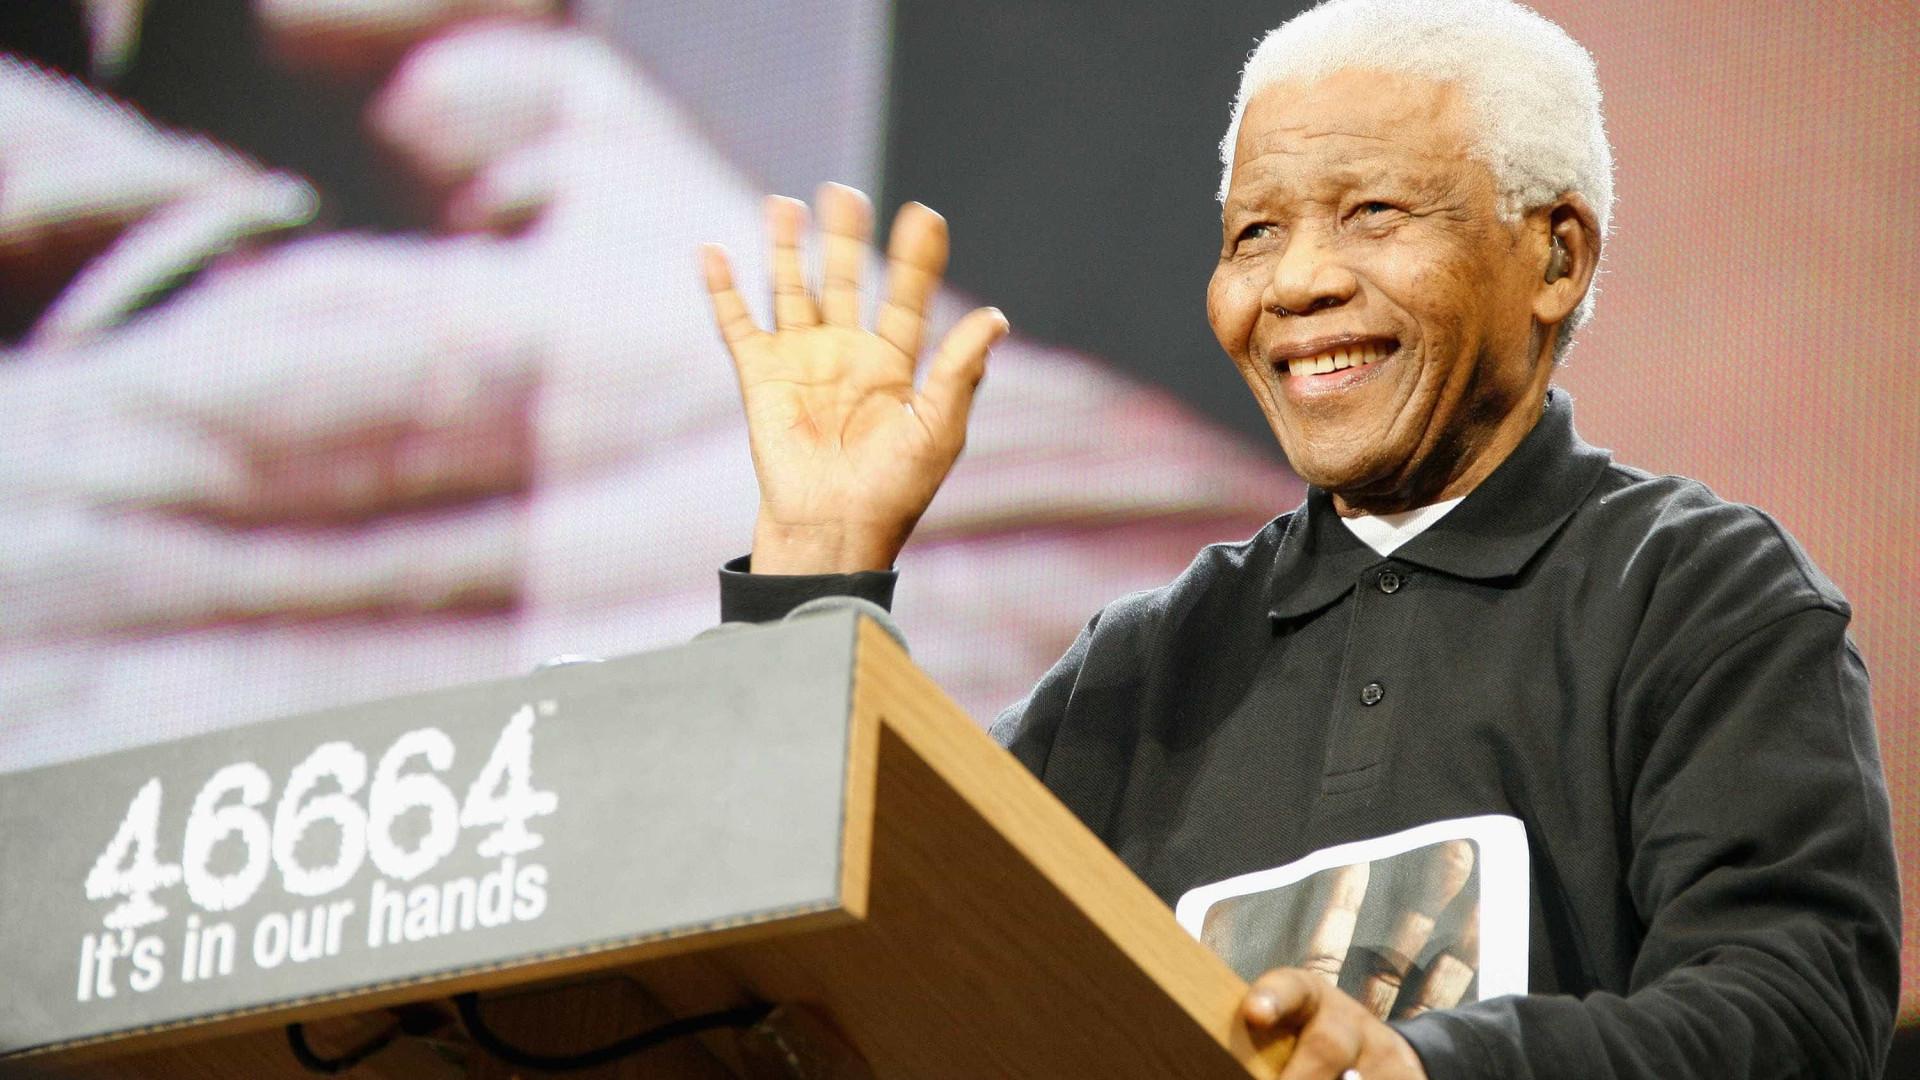 Livro confirma relação próxima entre Mondlane e Mandela na década de 1950